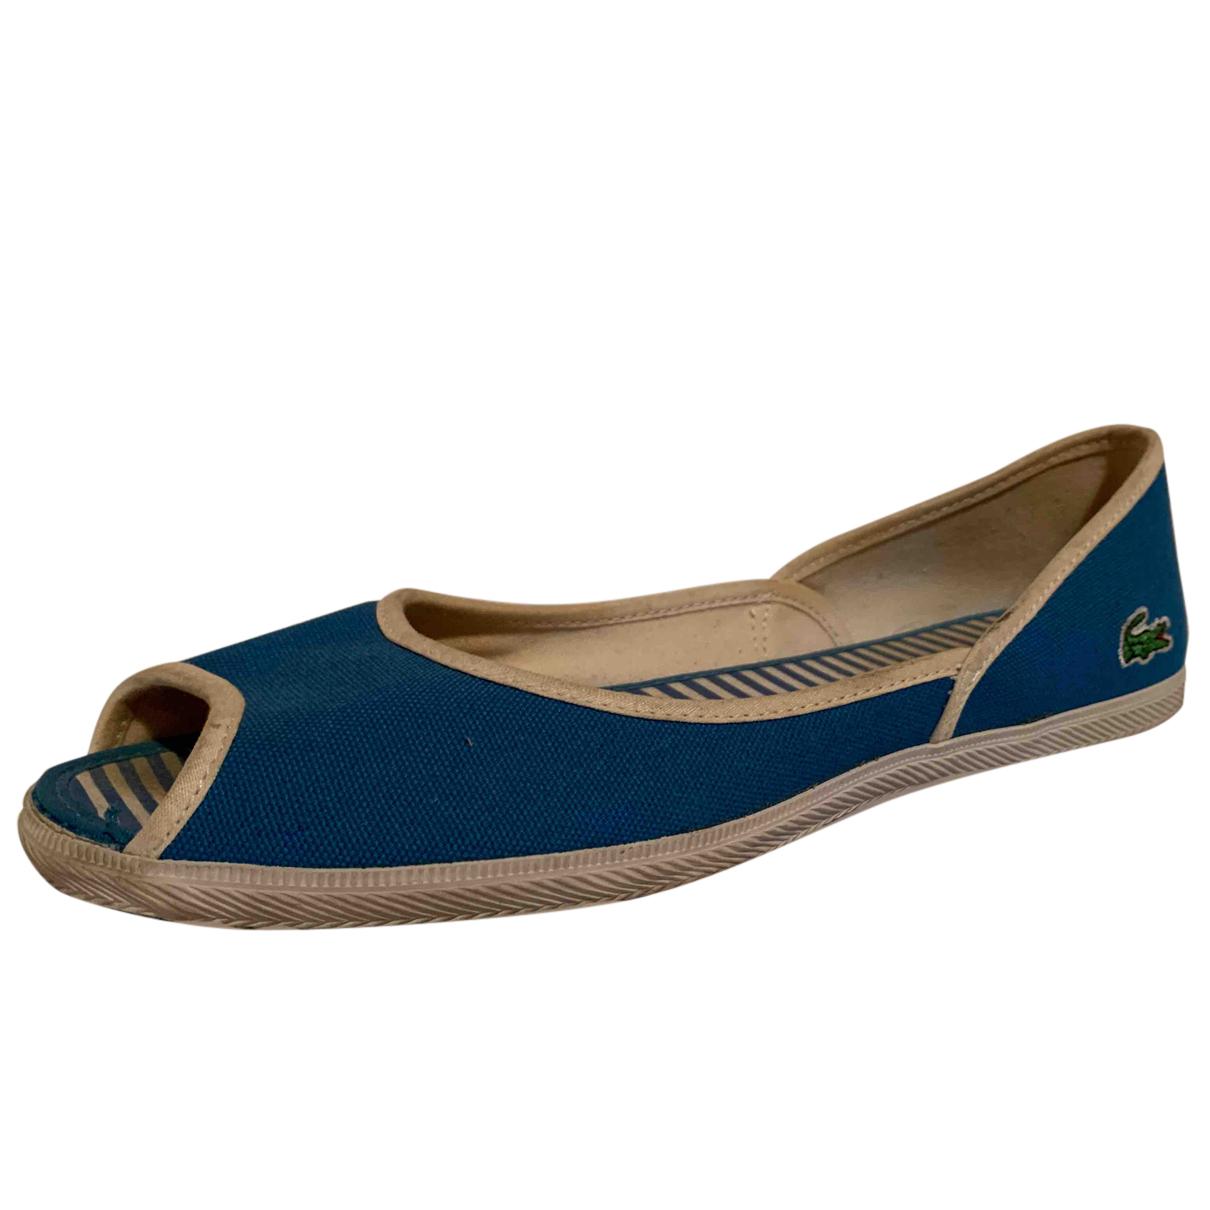 Lacoste \N Sandalen in  Blau Leinen